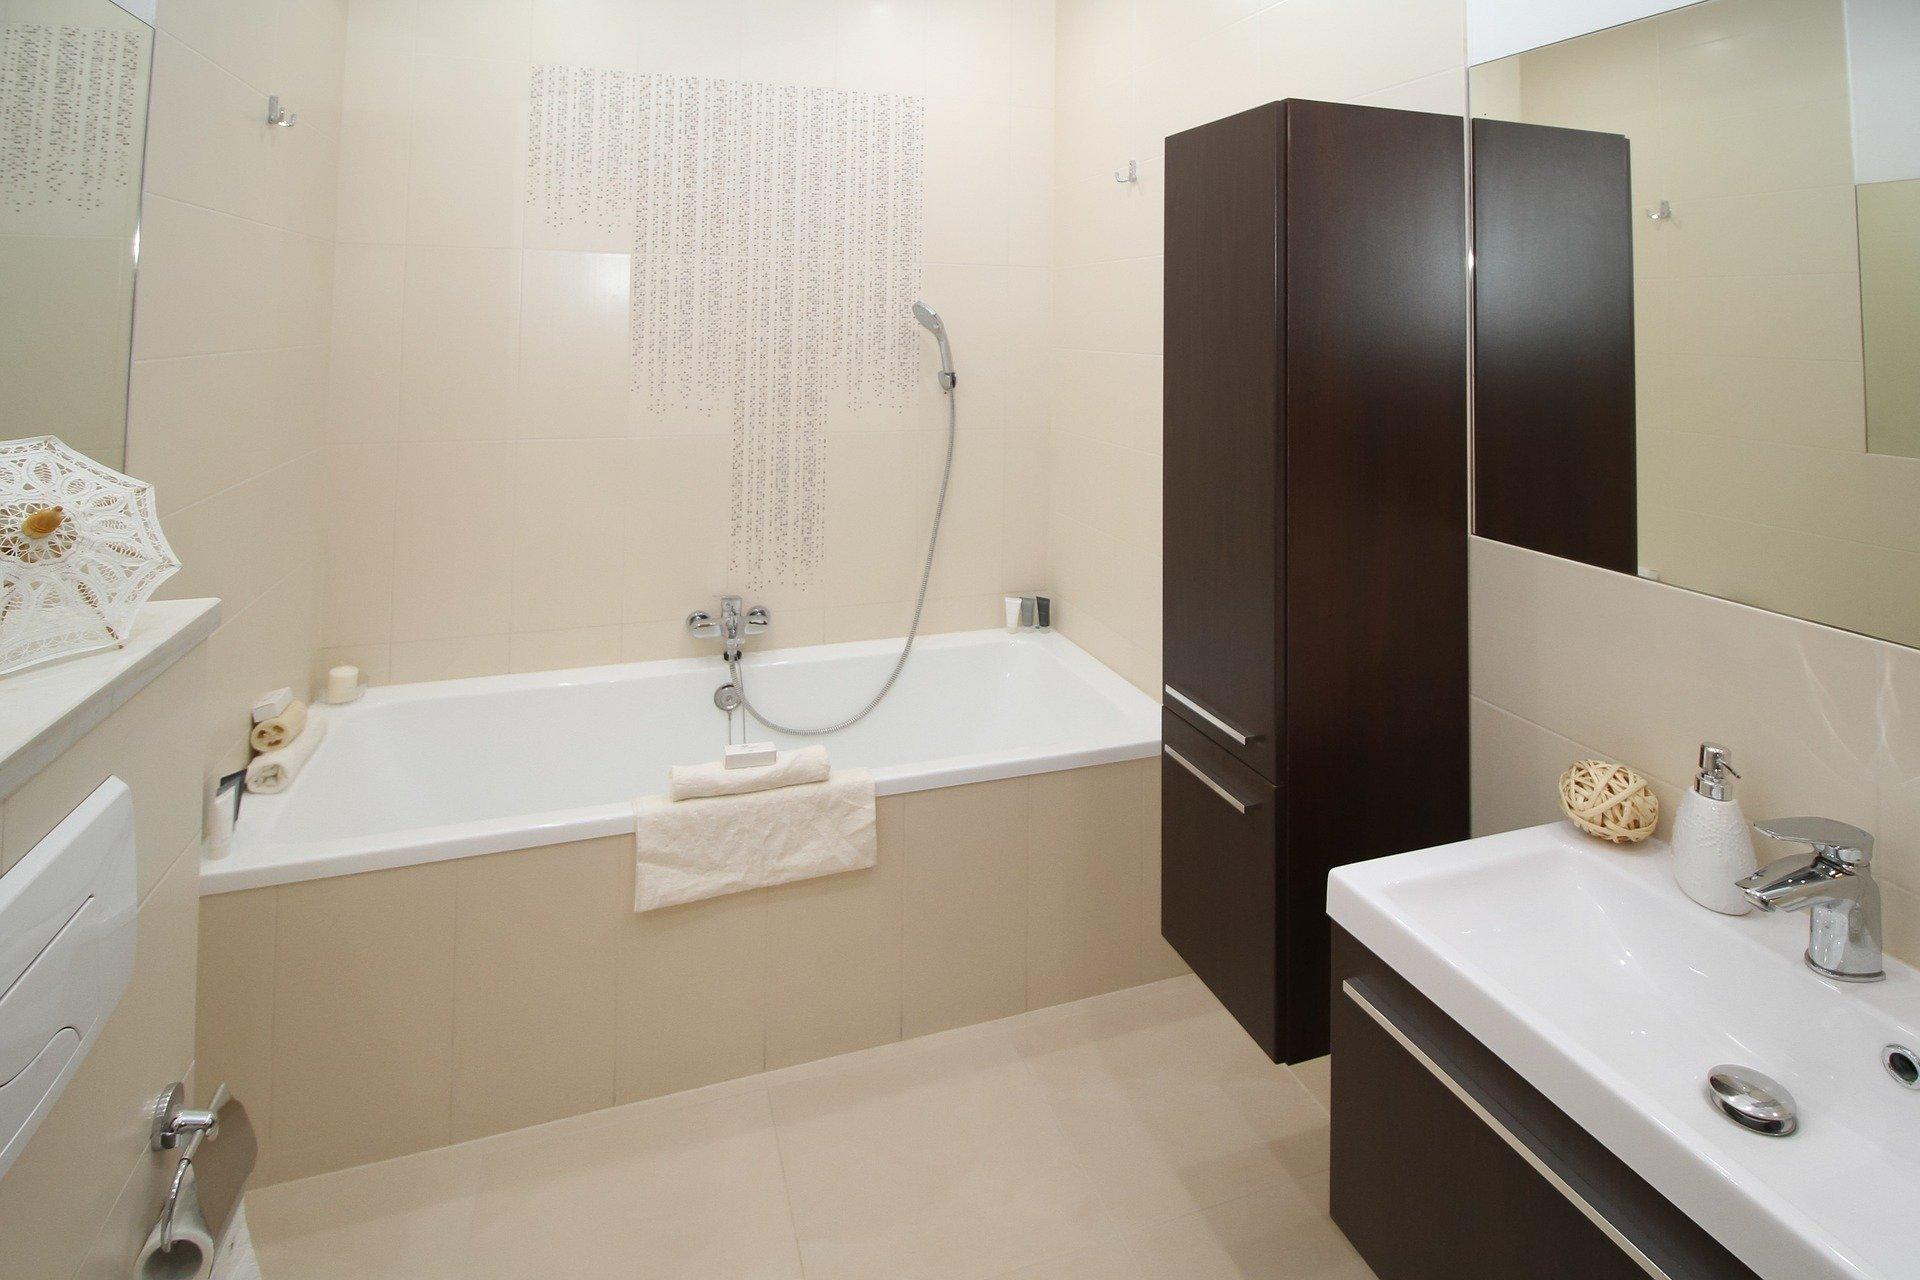 Rénovation d'une petite salle de bain